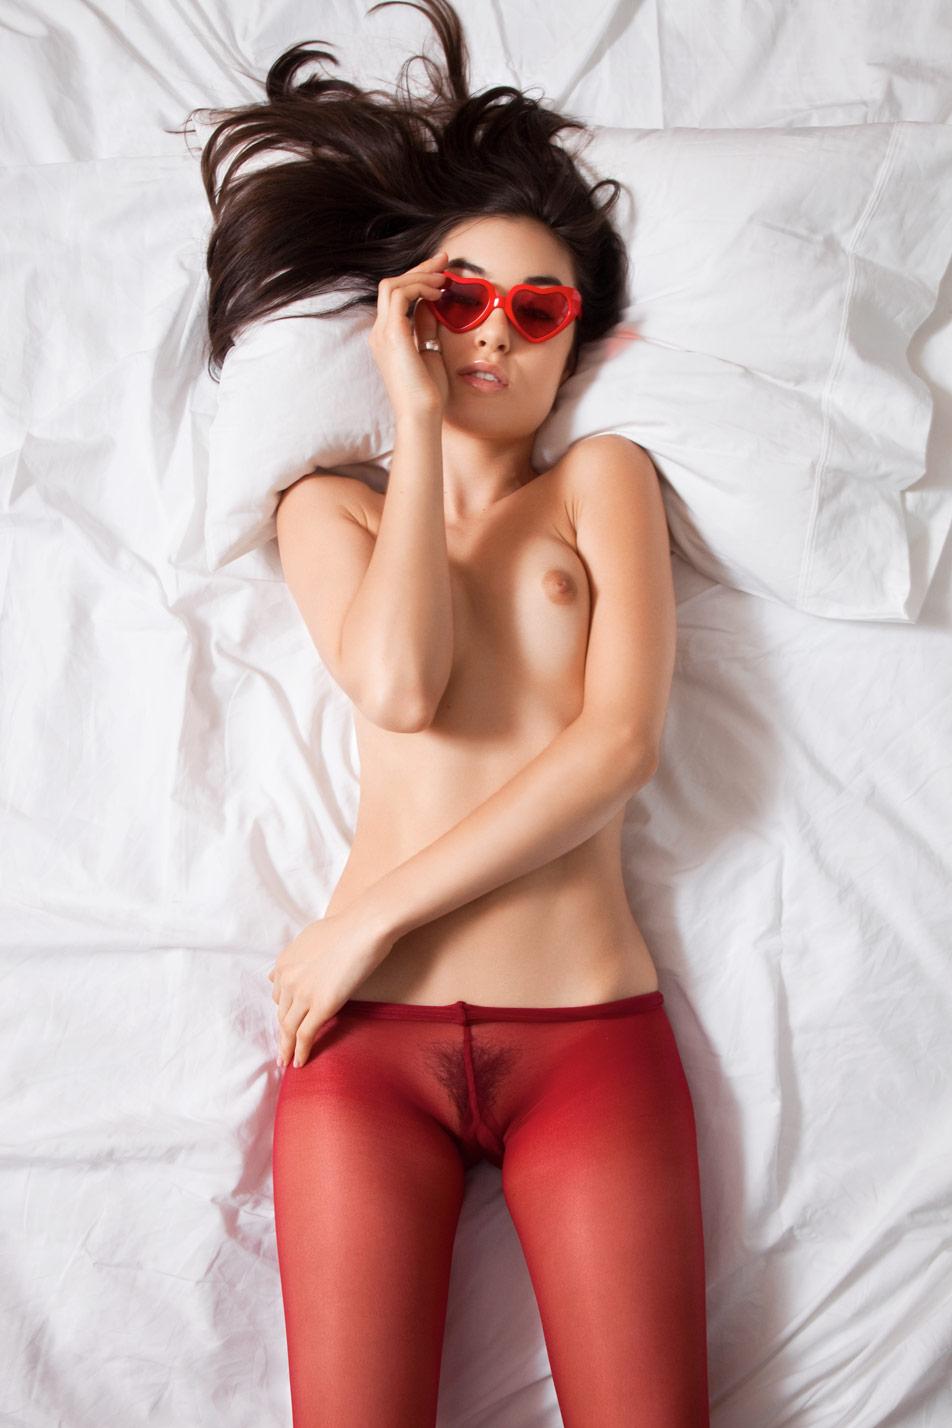 sasha grey 3 this hot bbw, fully naked